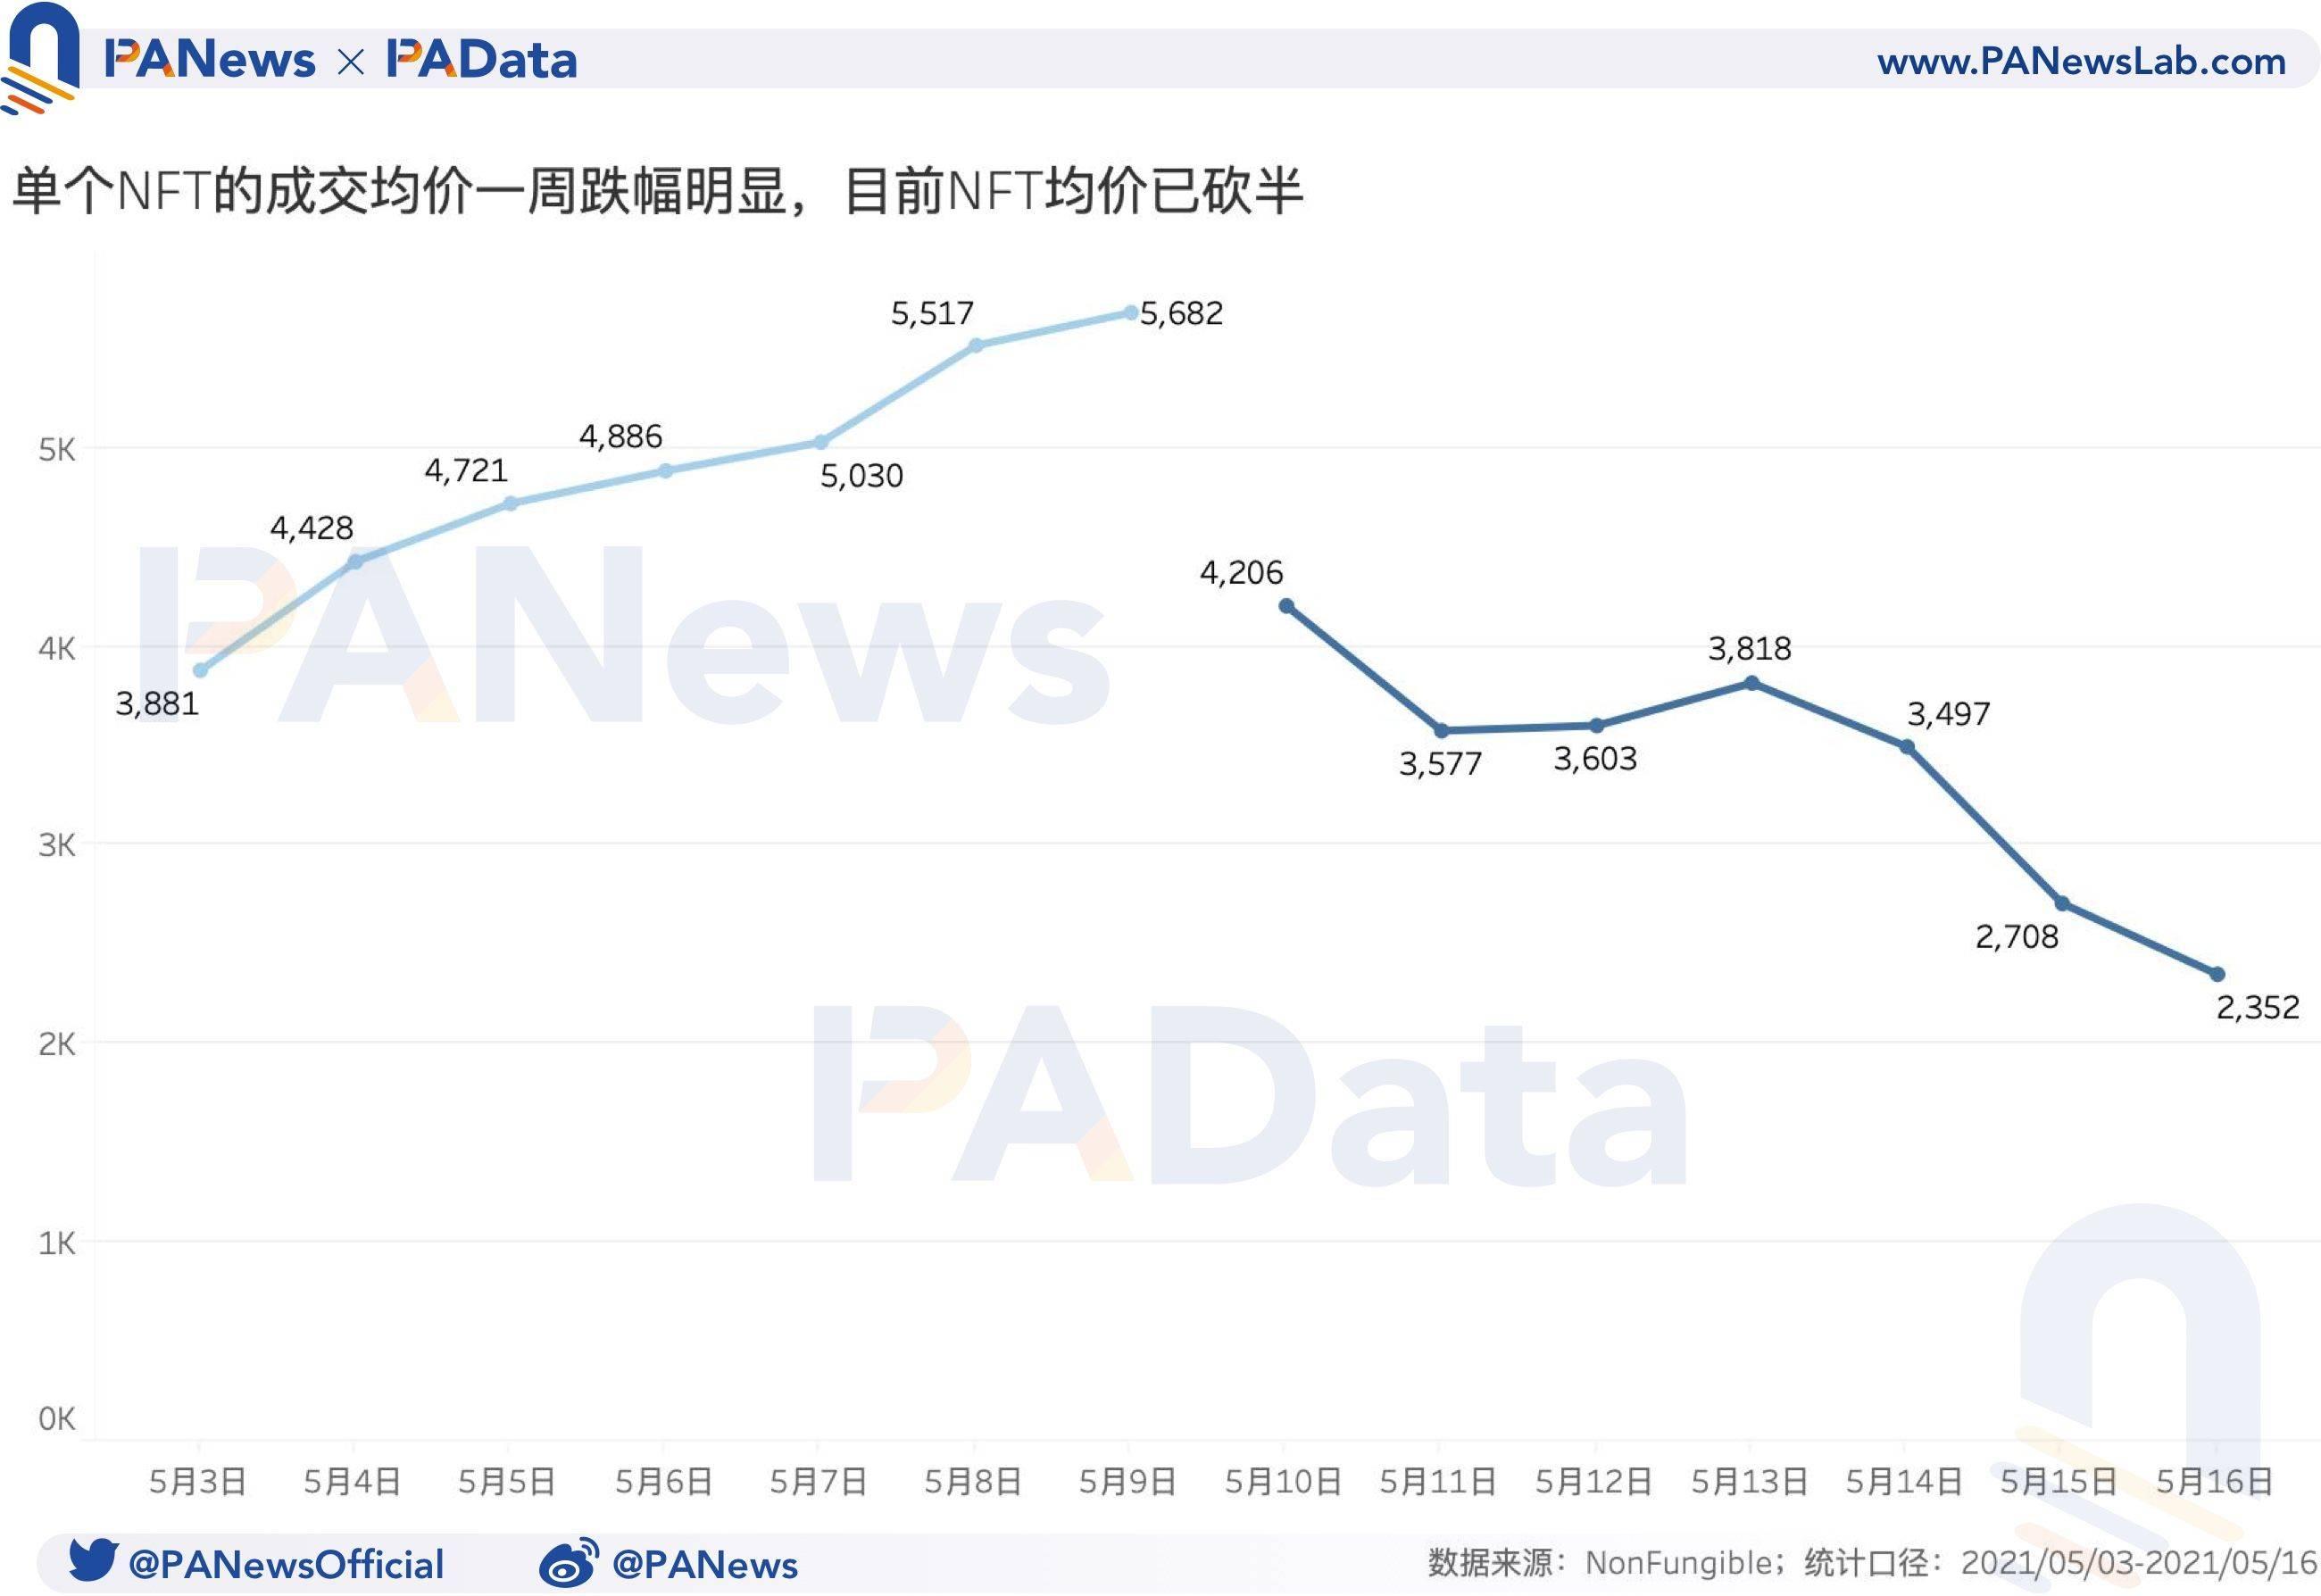 NFT一周回顾:量价齐跌超50%,二手市场相对活跃